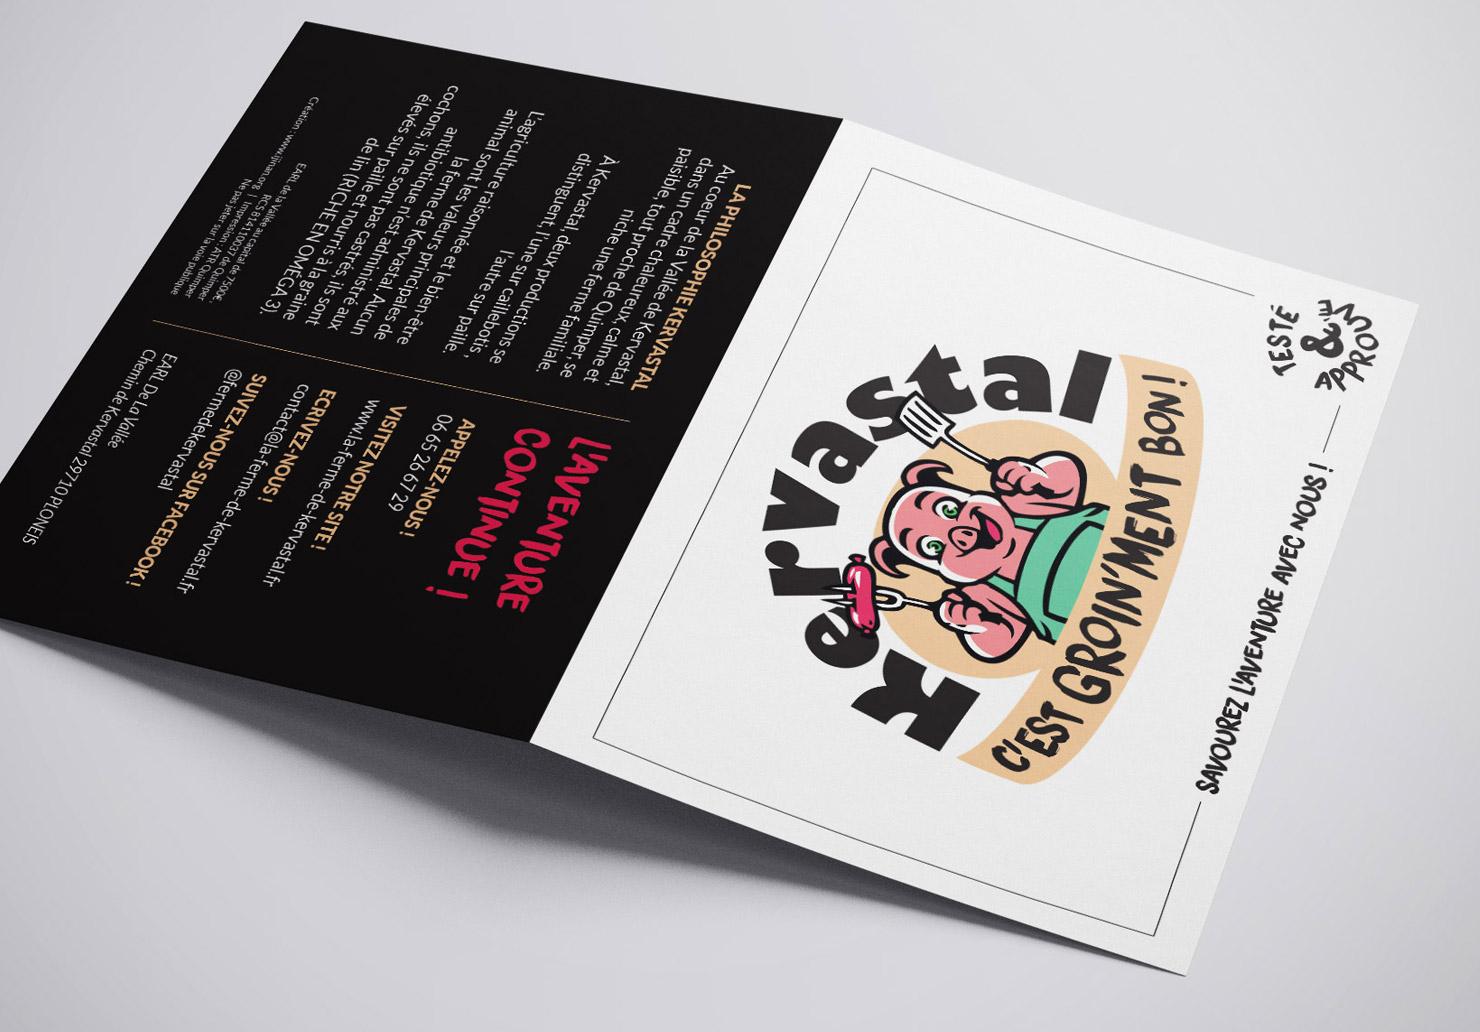 Flyer La Ferme de Kervastal - Création de flyer par Emilie Le Béhérec Prima, Graphiste freelance dans le Finistère